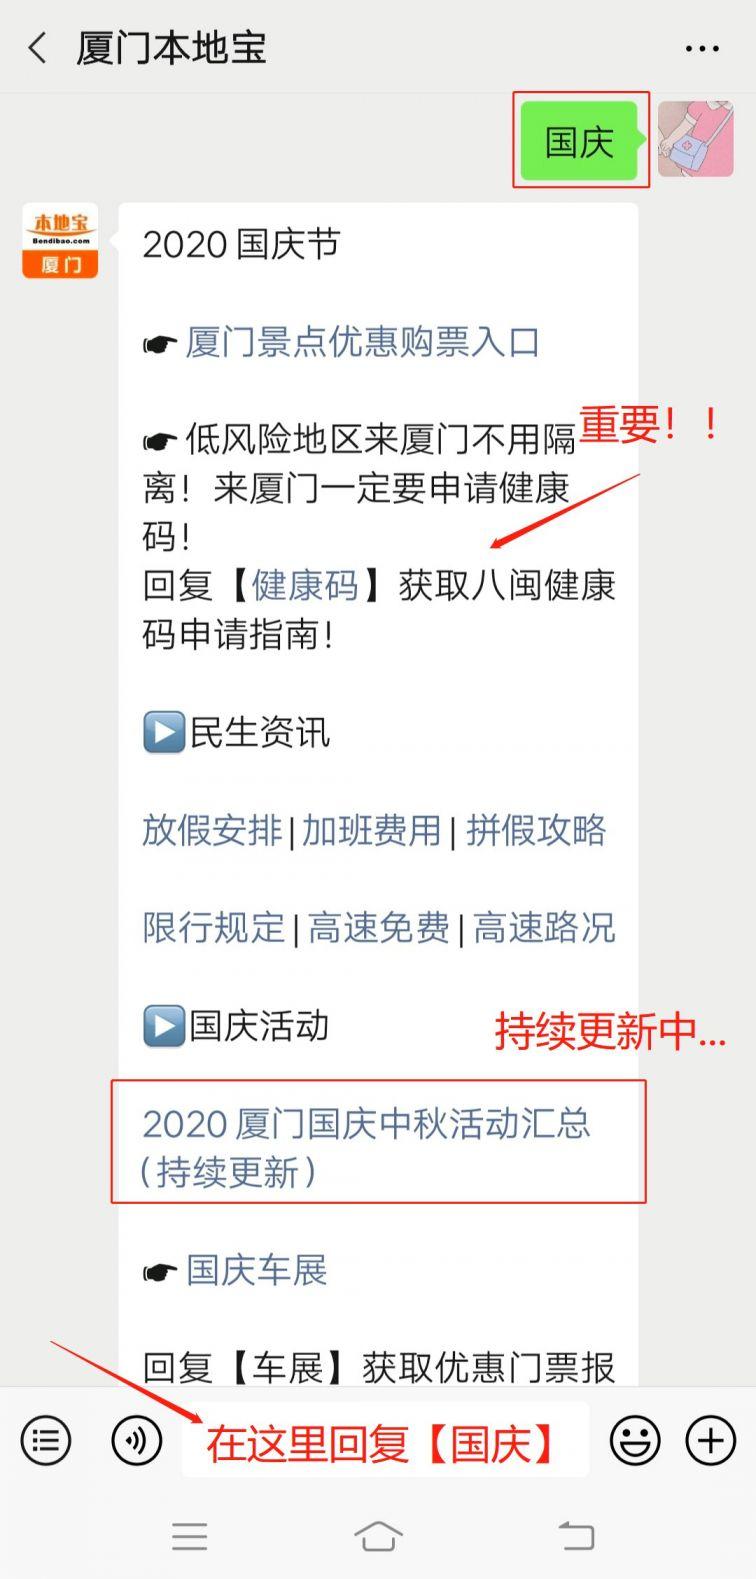 2020厦门市行政服务中心国庆上班时间- 厦门本地宝